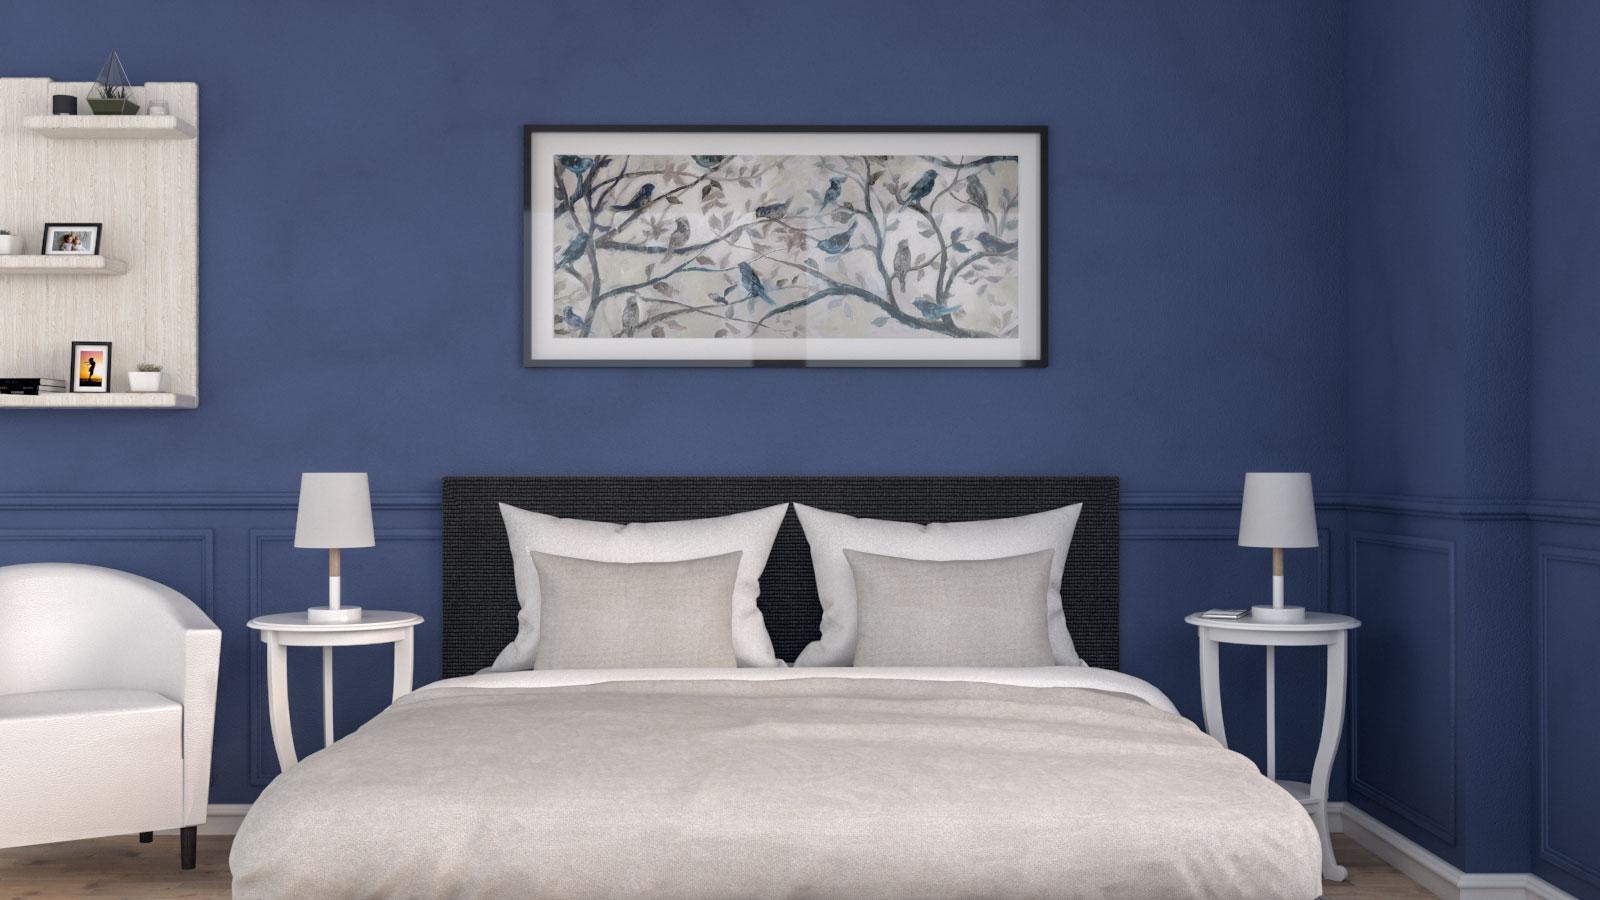 Vintage Royal Blue Bedroom Design Idea